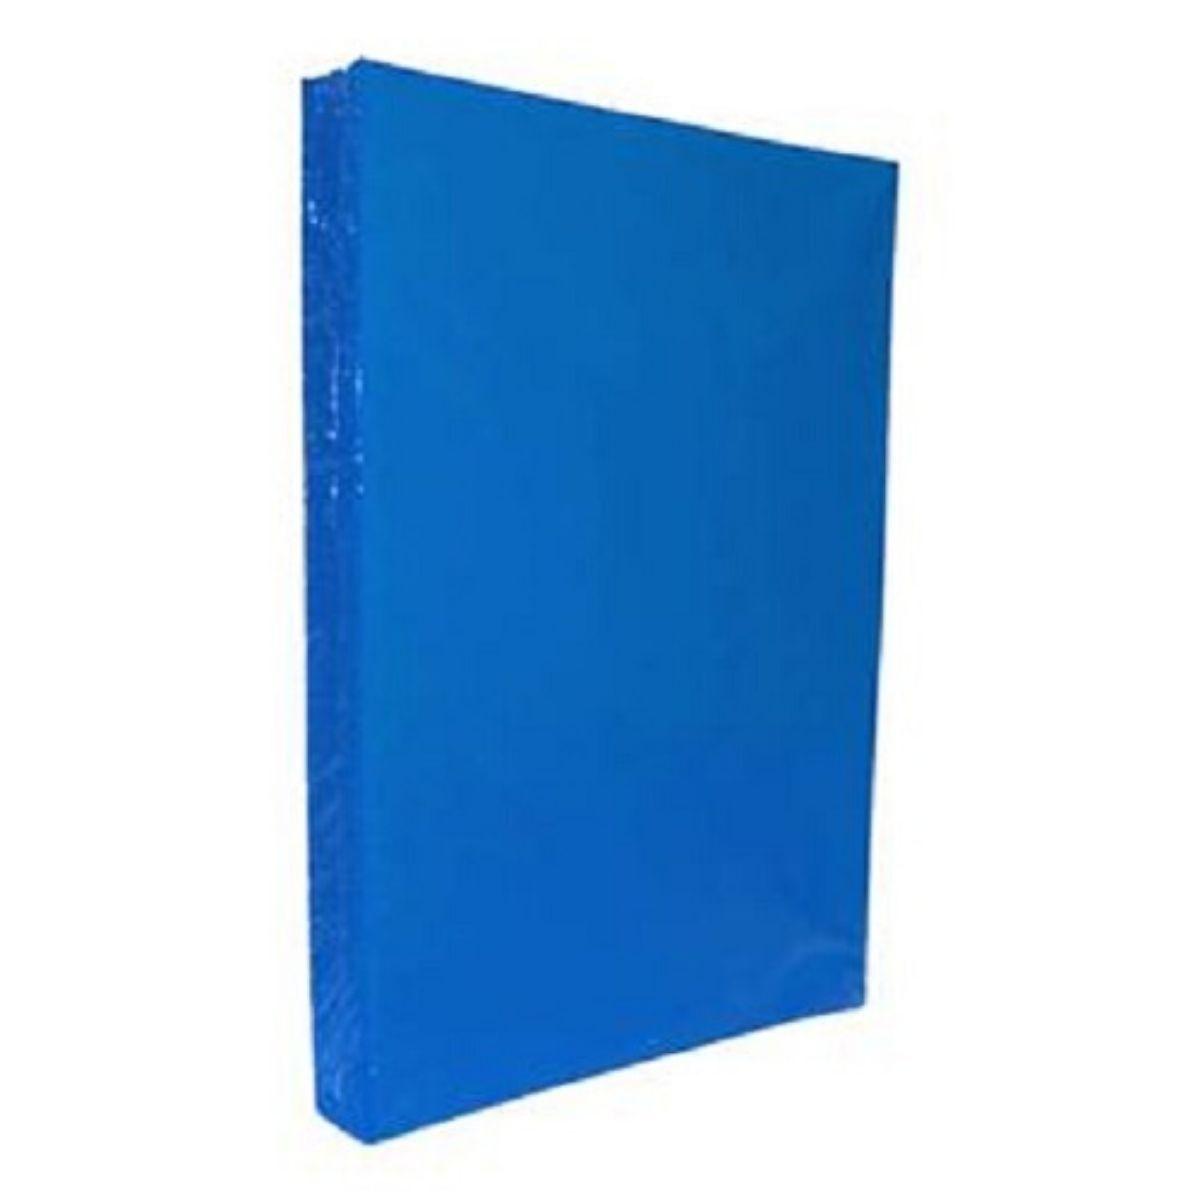 Kit 1000 Capas para Encadernação PP 0,30mm A4 Azul Royal Couro (Fundo)  - Click Suprimentos